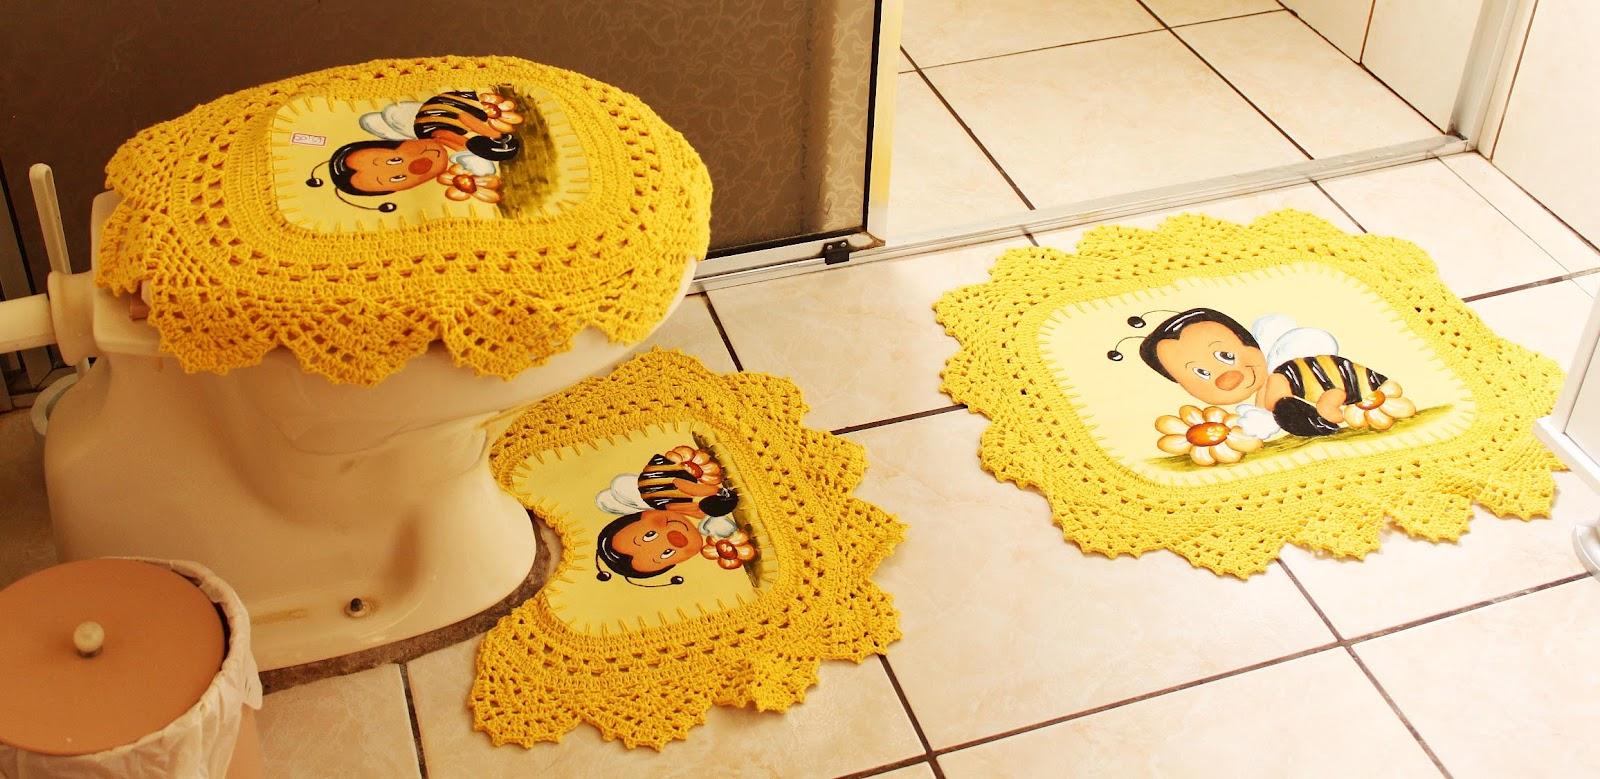 Ideas para amueblar una habitacion peque a - Ideas para amueblar una habitacion pequena ...